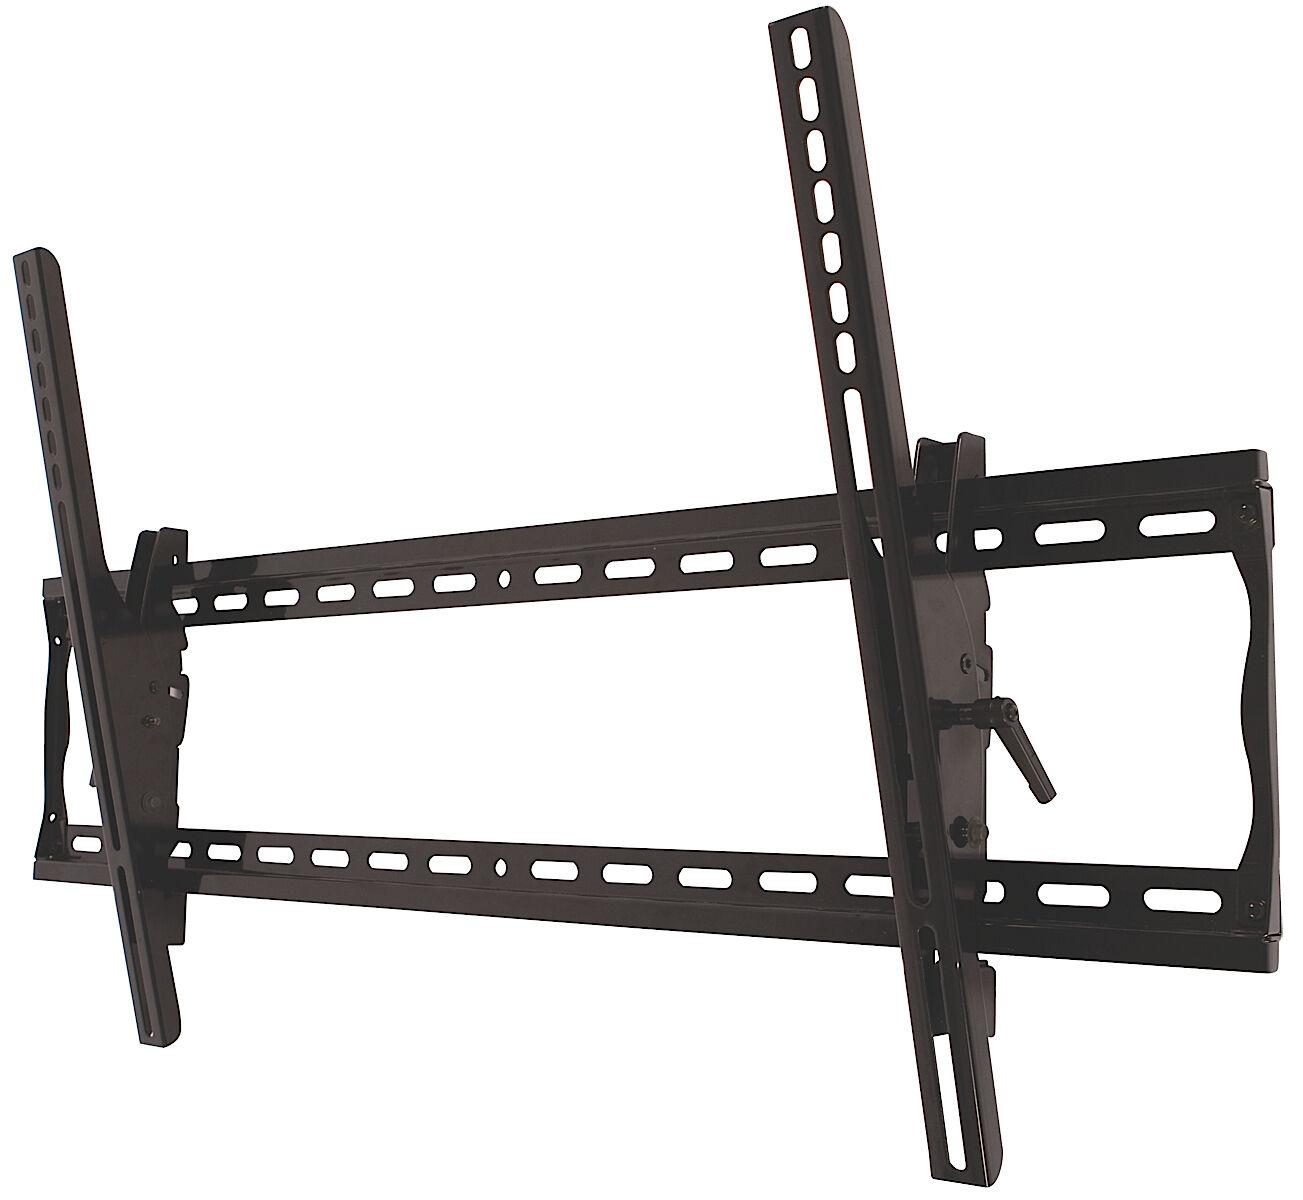 t63 wall mount tv bracket